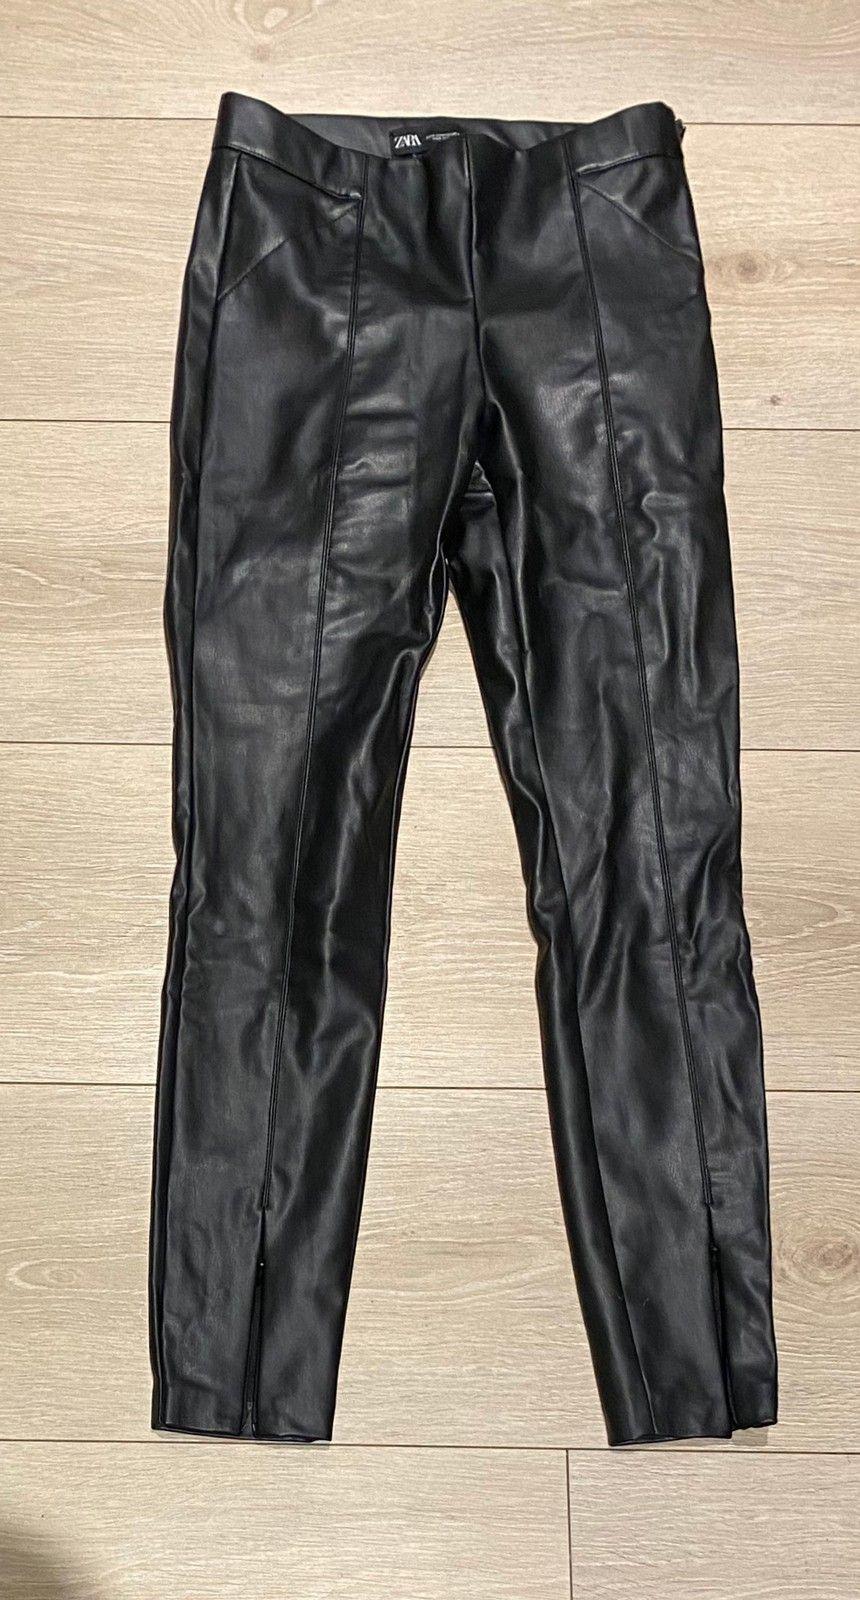 Skinn bukse fra Zara str S, ubrukt   FINN.no